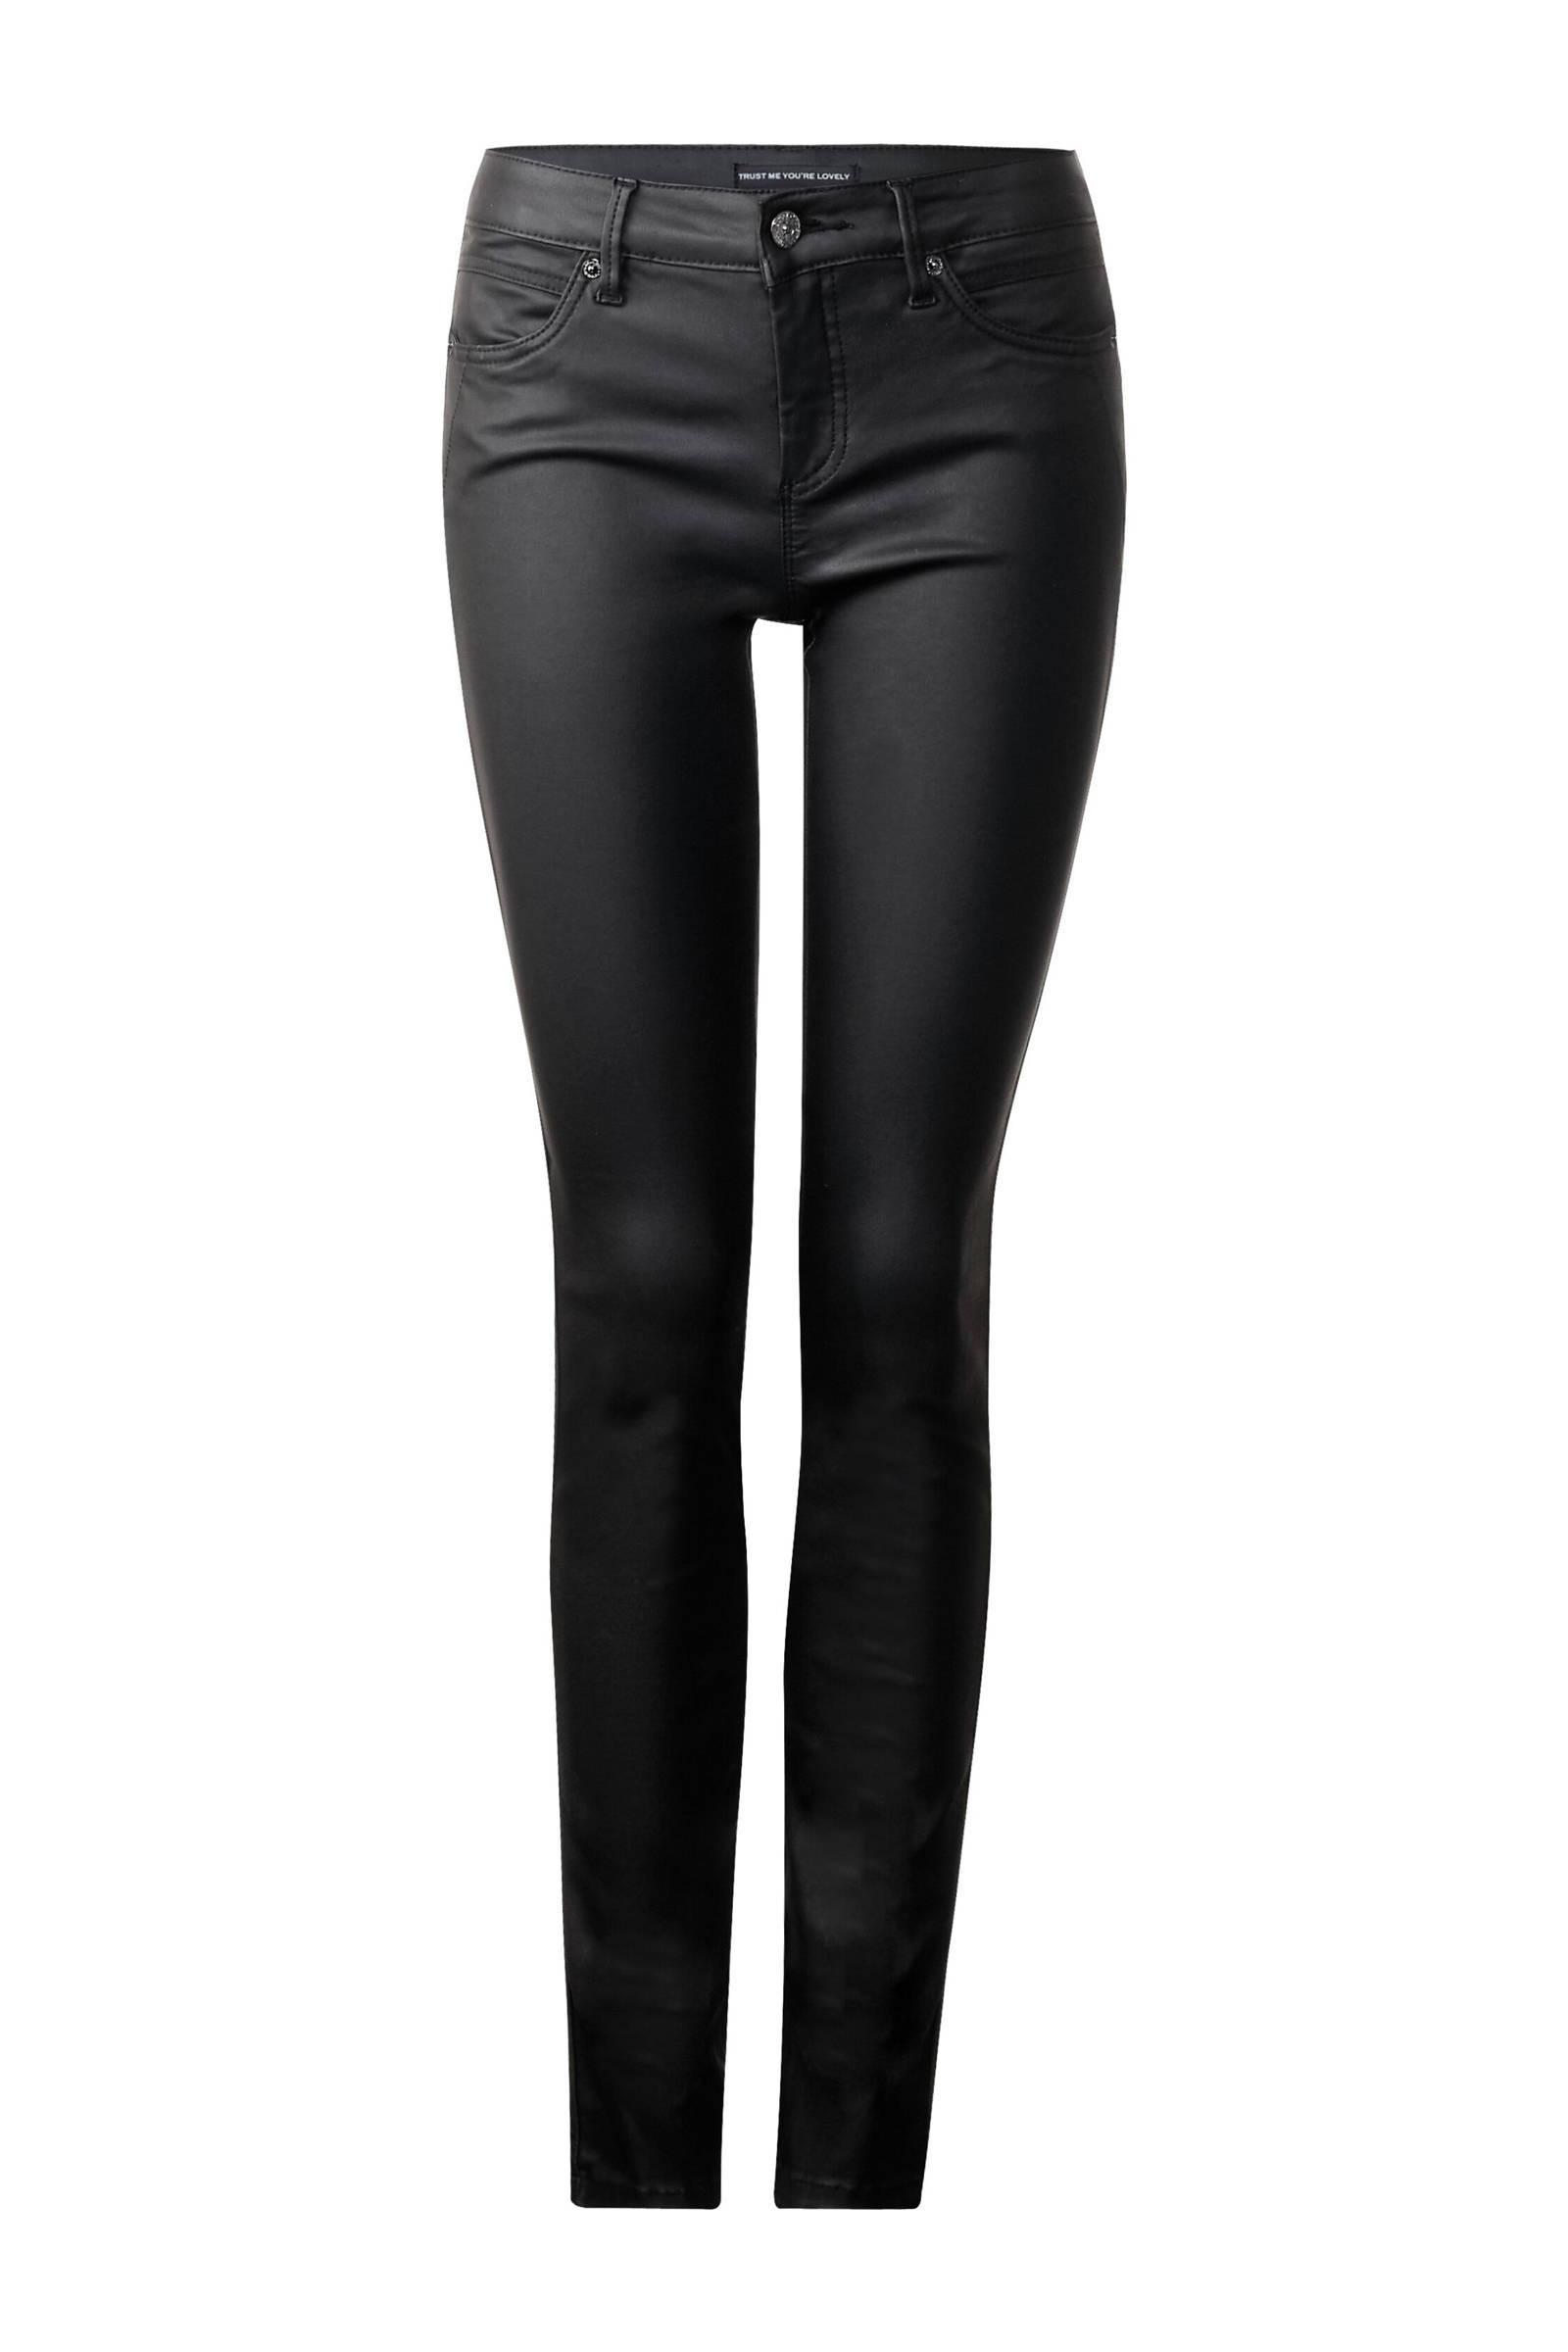 coated zwarte broek